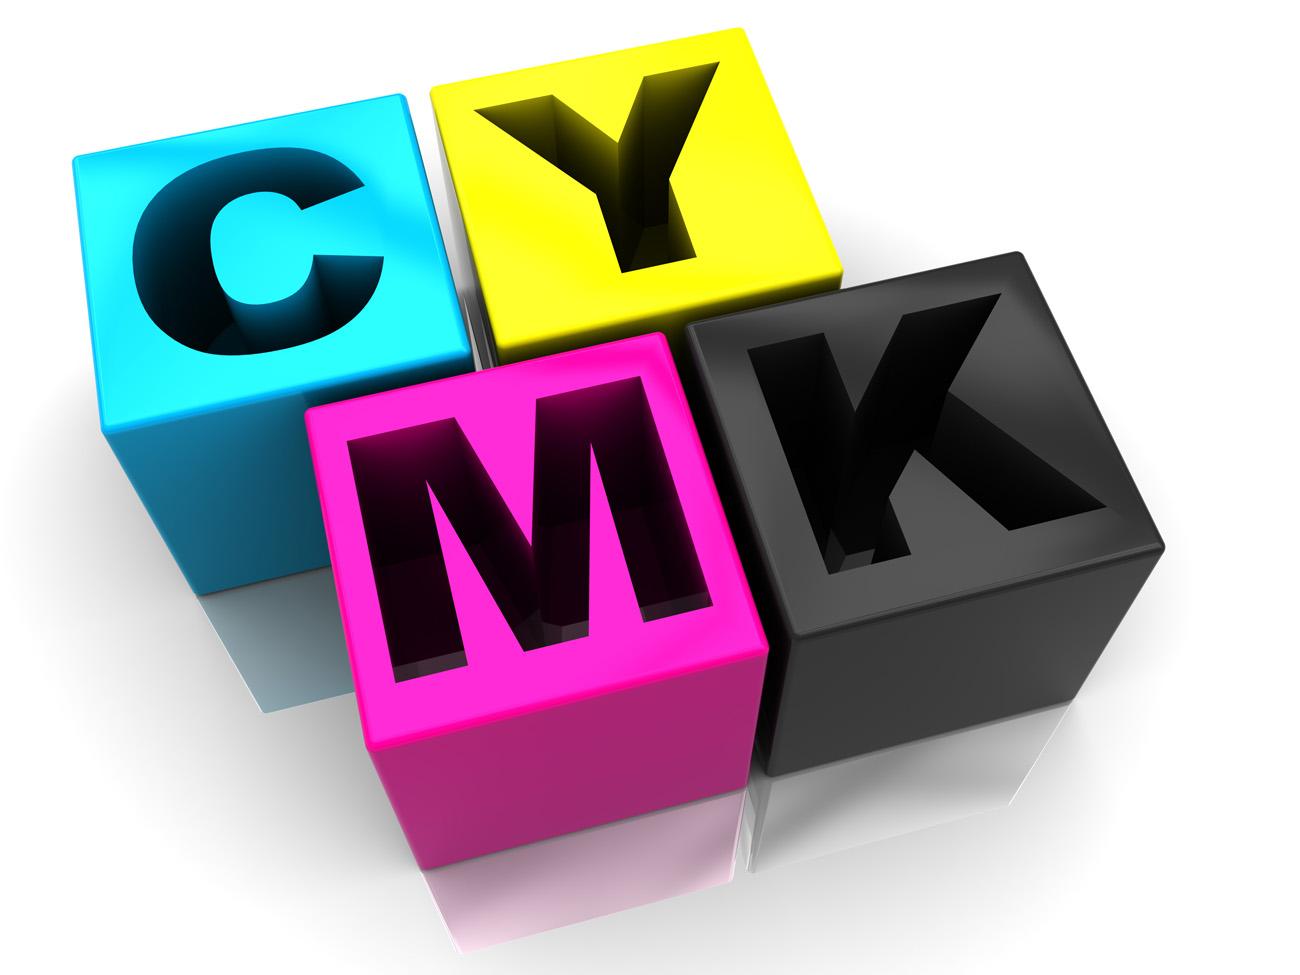 http://3.bp.blogspot.com/-zmZtqVq1c8k/Tt3fwvsmxHI/AAAAAAAAYeU/PxxS5jhBrGM/s1600/CMYK+Wallpapers+%252810%2529.jpg